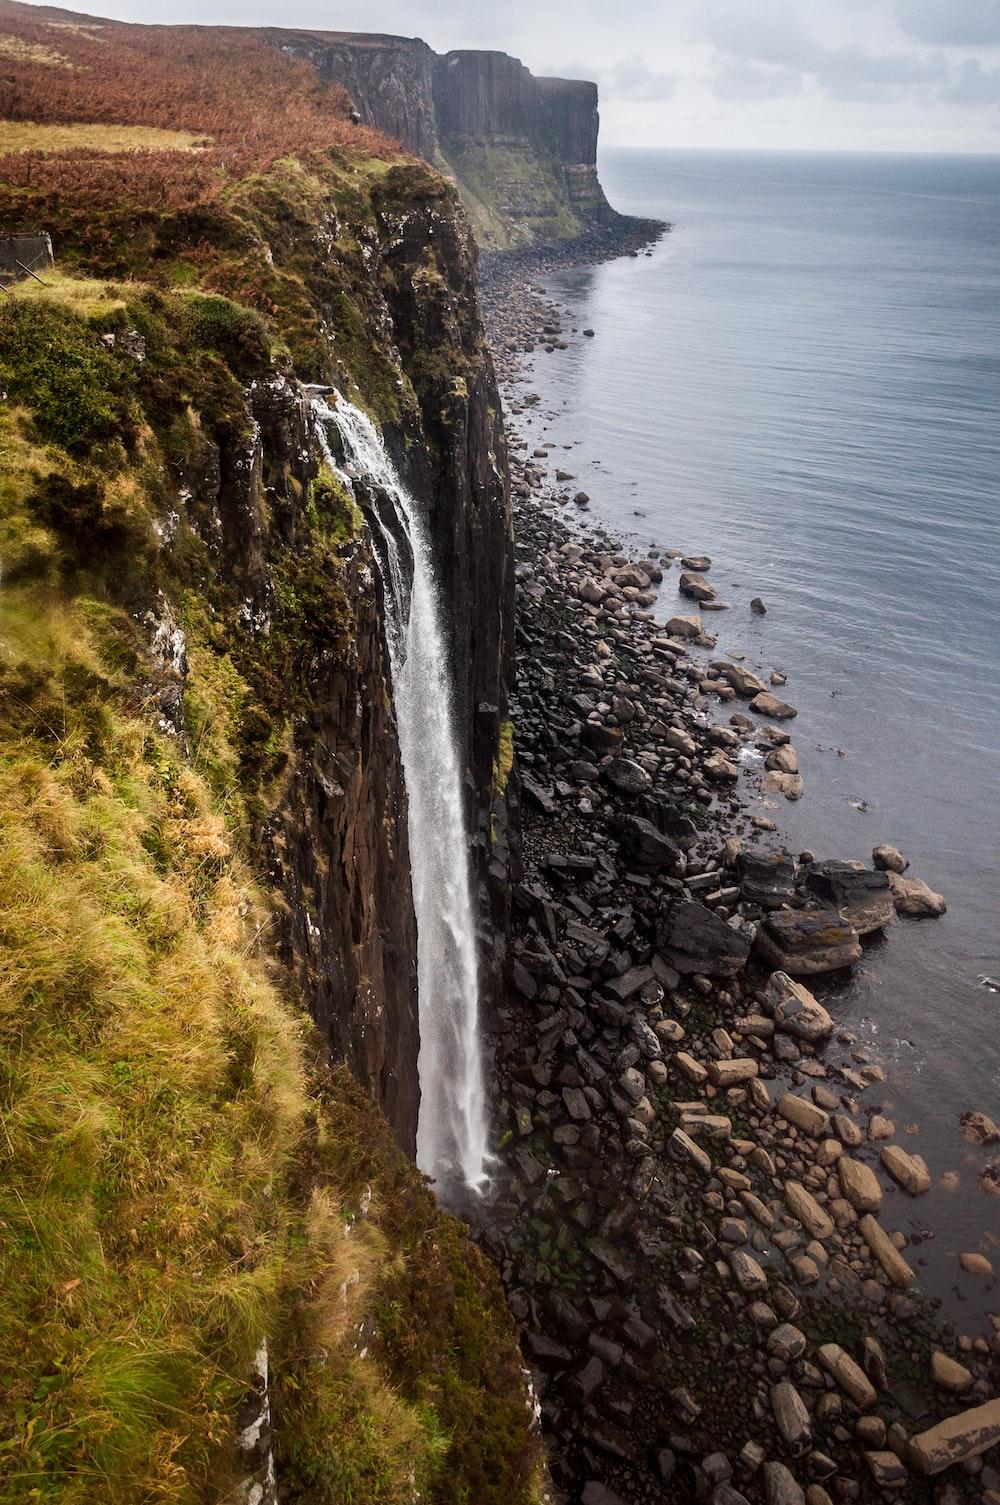 waterfalls viewing calm sea during daytime